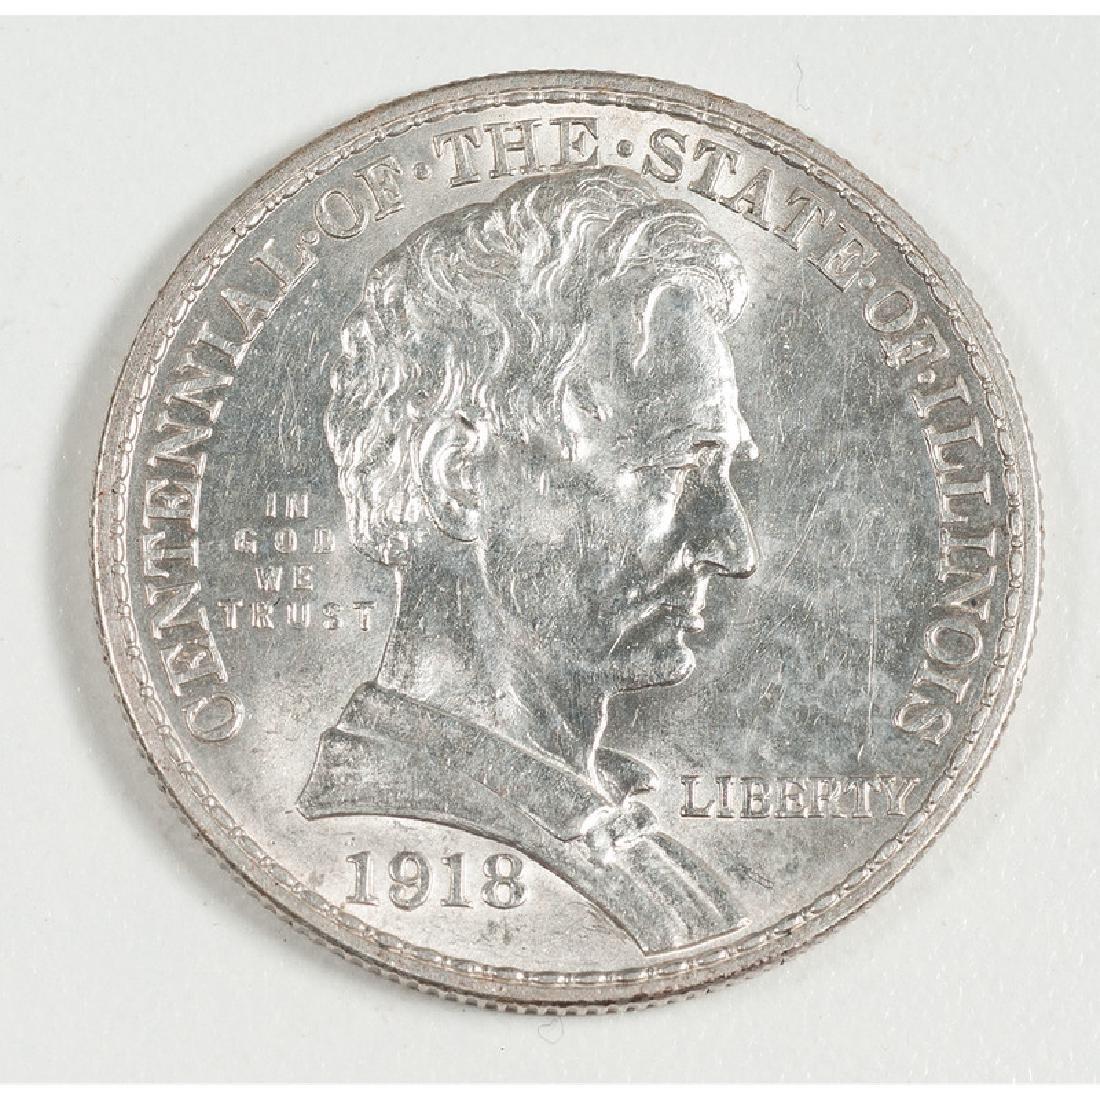 United States Illinois Centennial Commemorative Silver